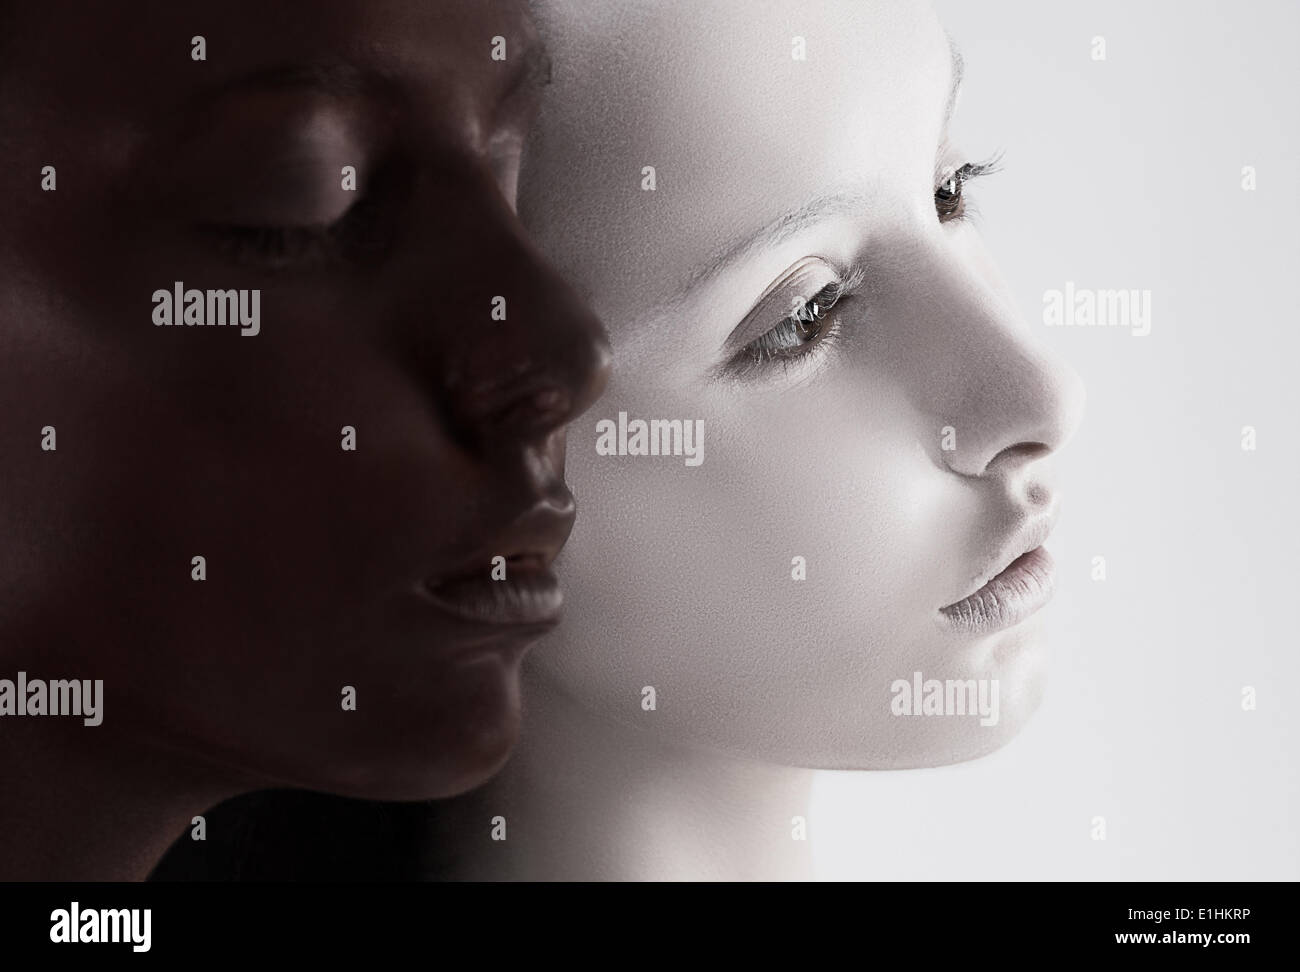 Kulturelle Vielfalt. Zwei Gesichter schwarz gefärbt & weiß. Yin-Yang-Stil Stockbild